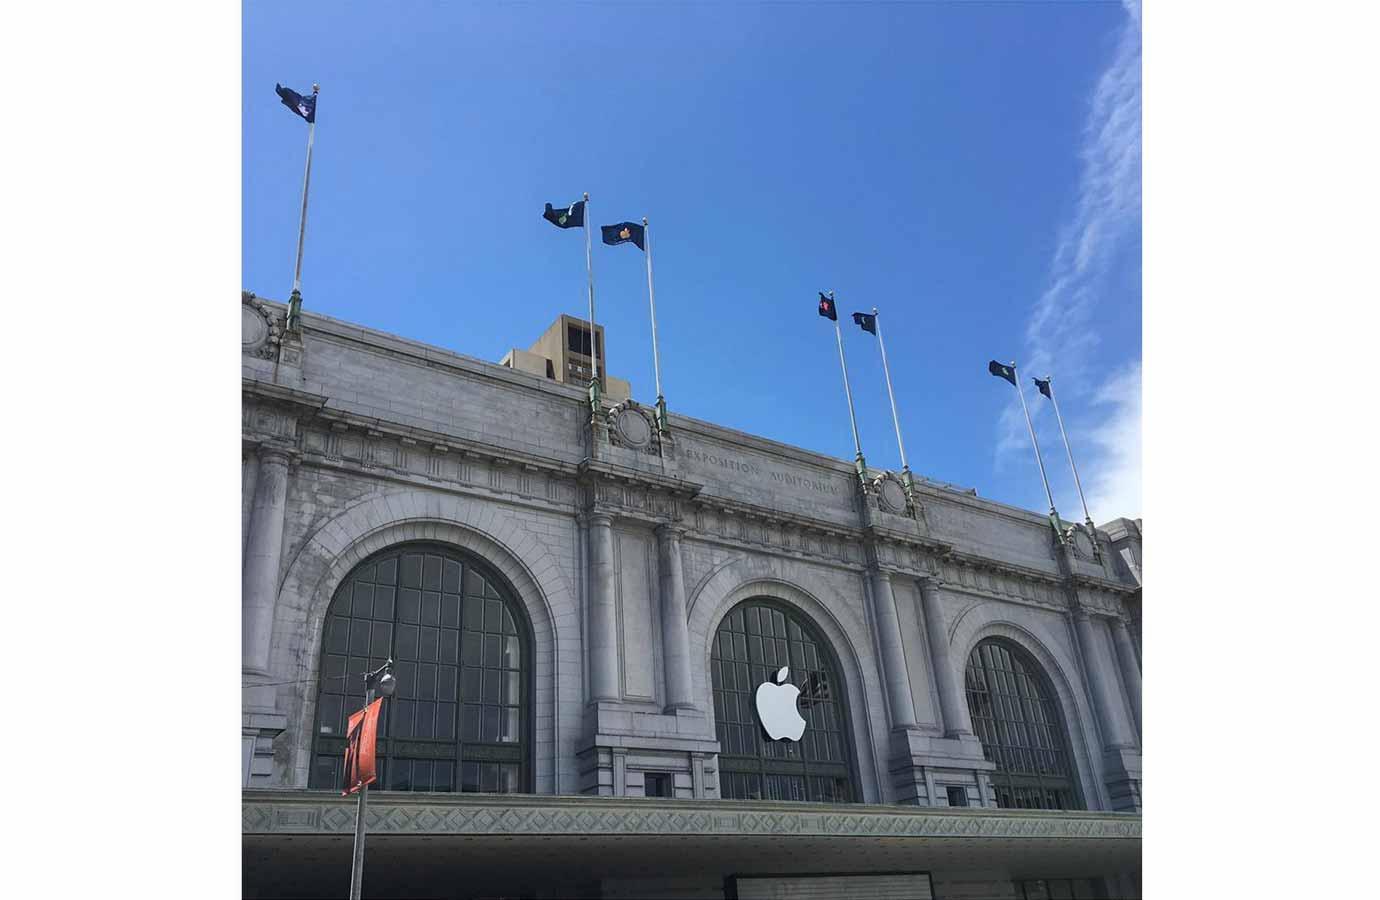 「WWDC 2016」の基調講演が行われる「Bill Graham Civic Auditorium」でAppleロゴなどが飾られる